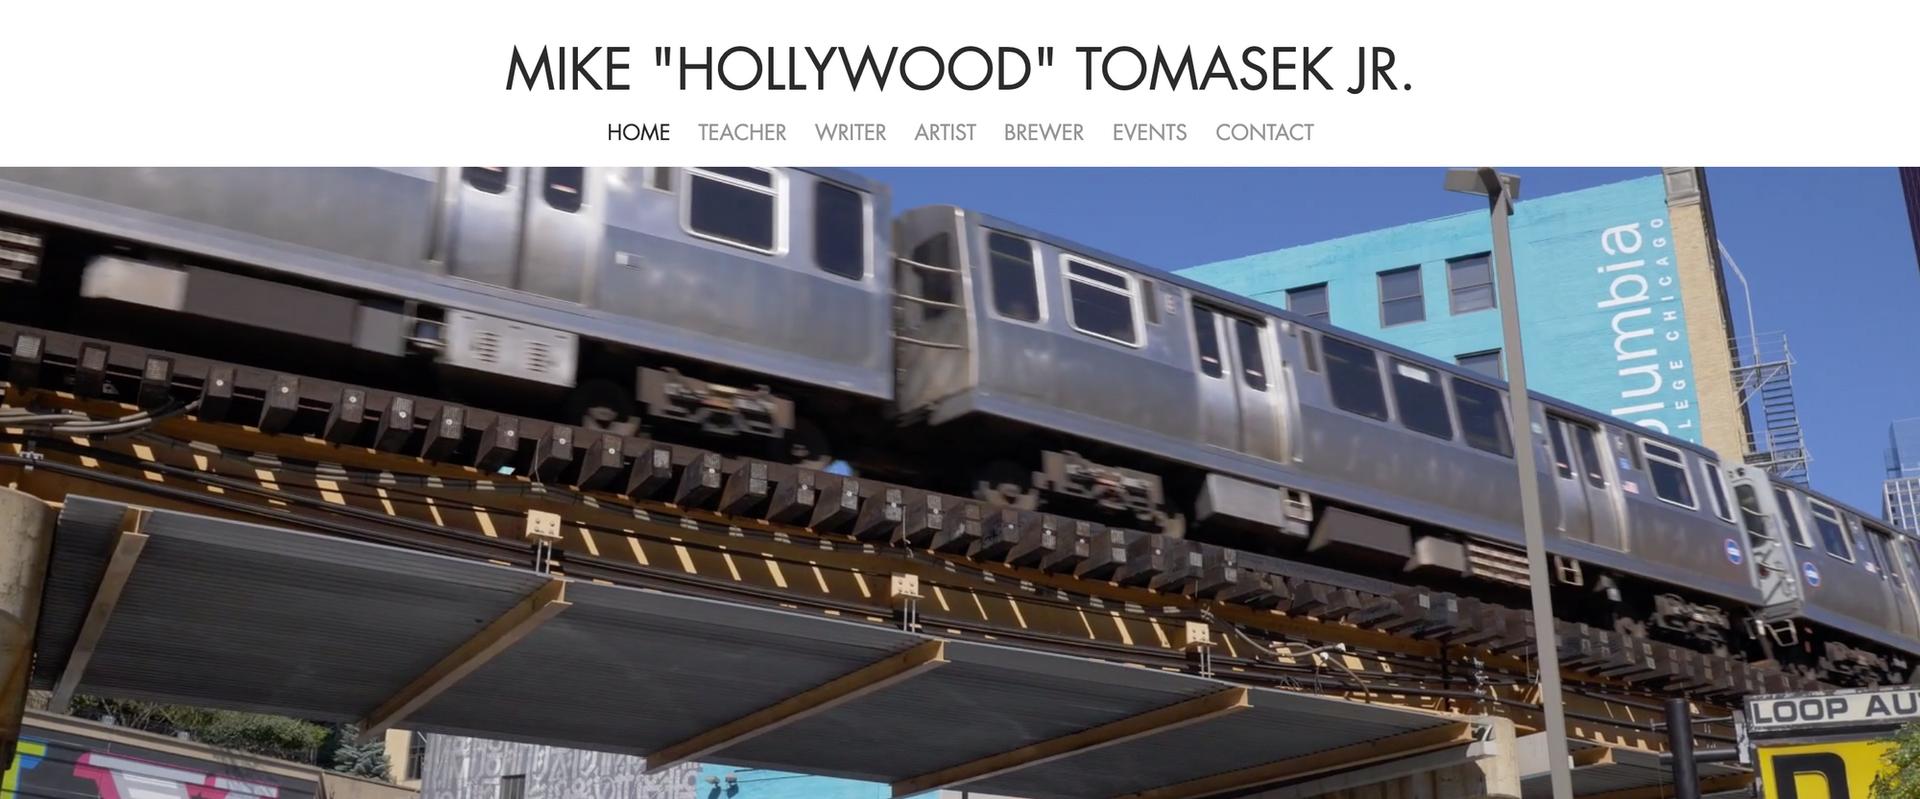 Mike Tomasek Jr.